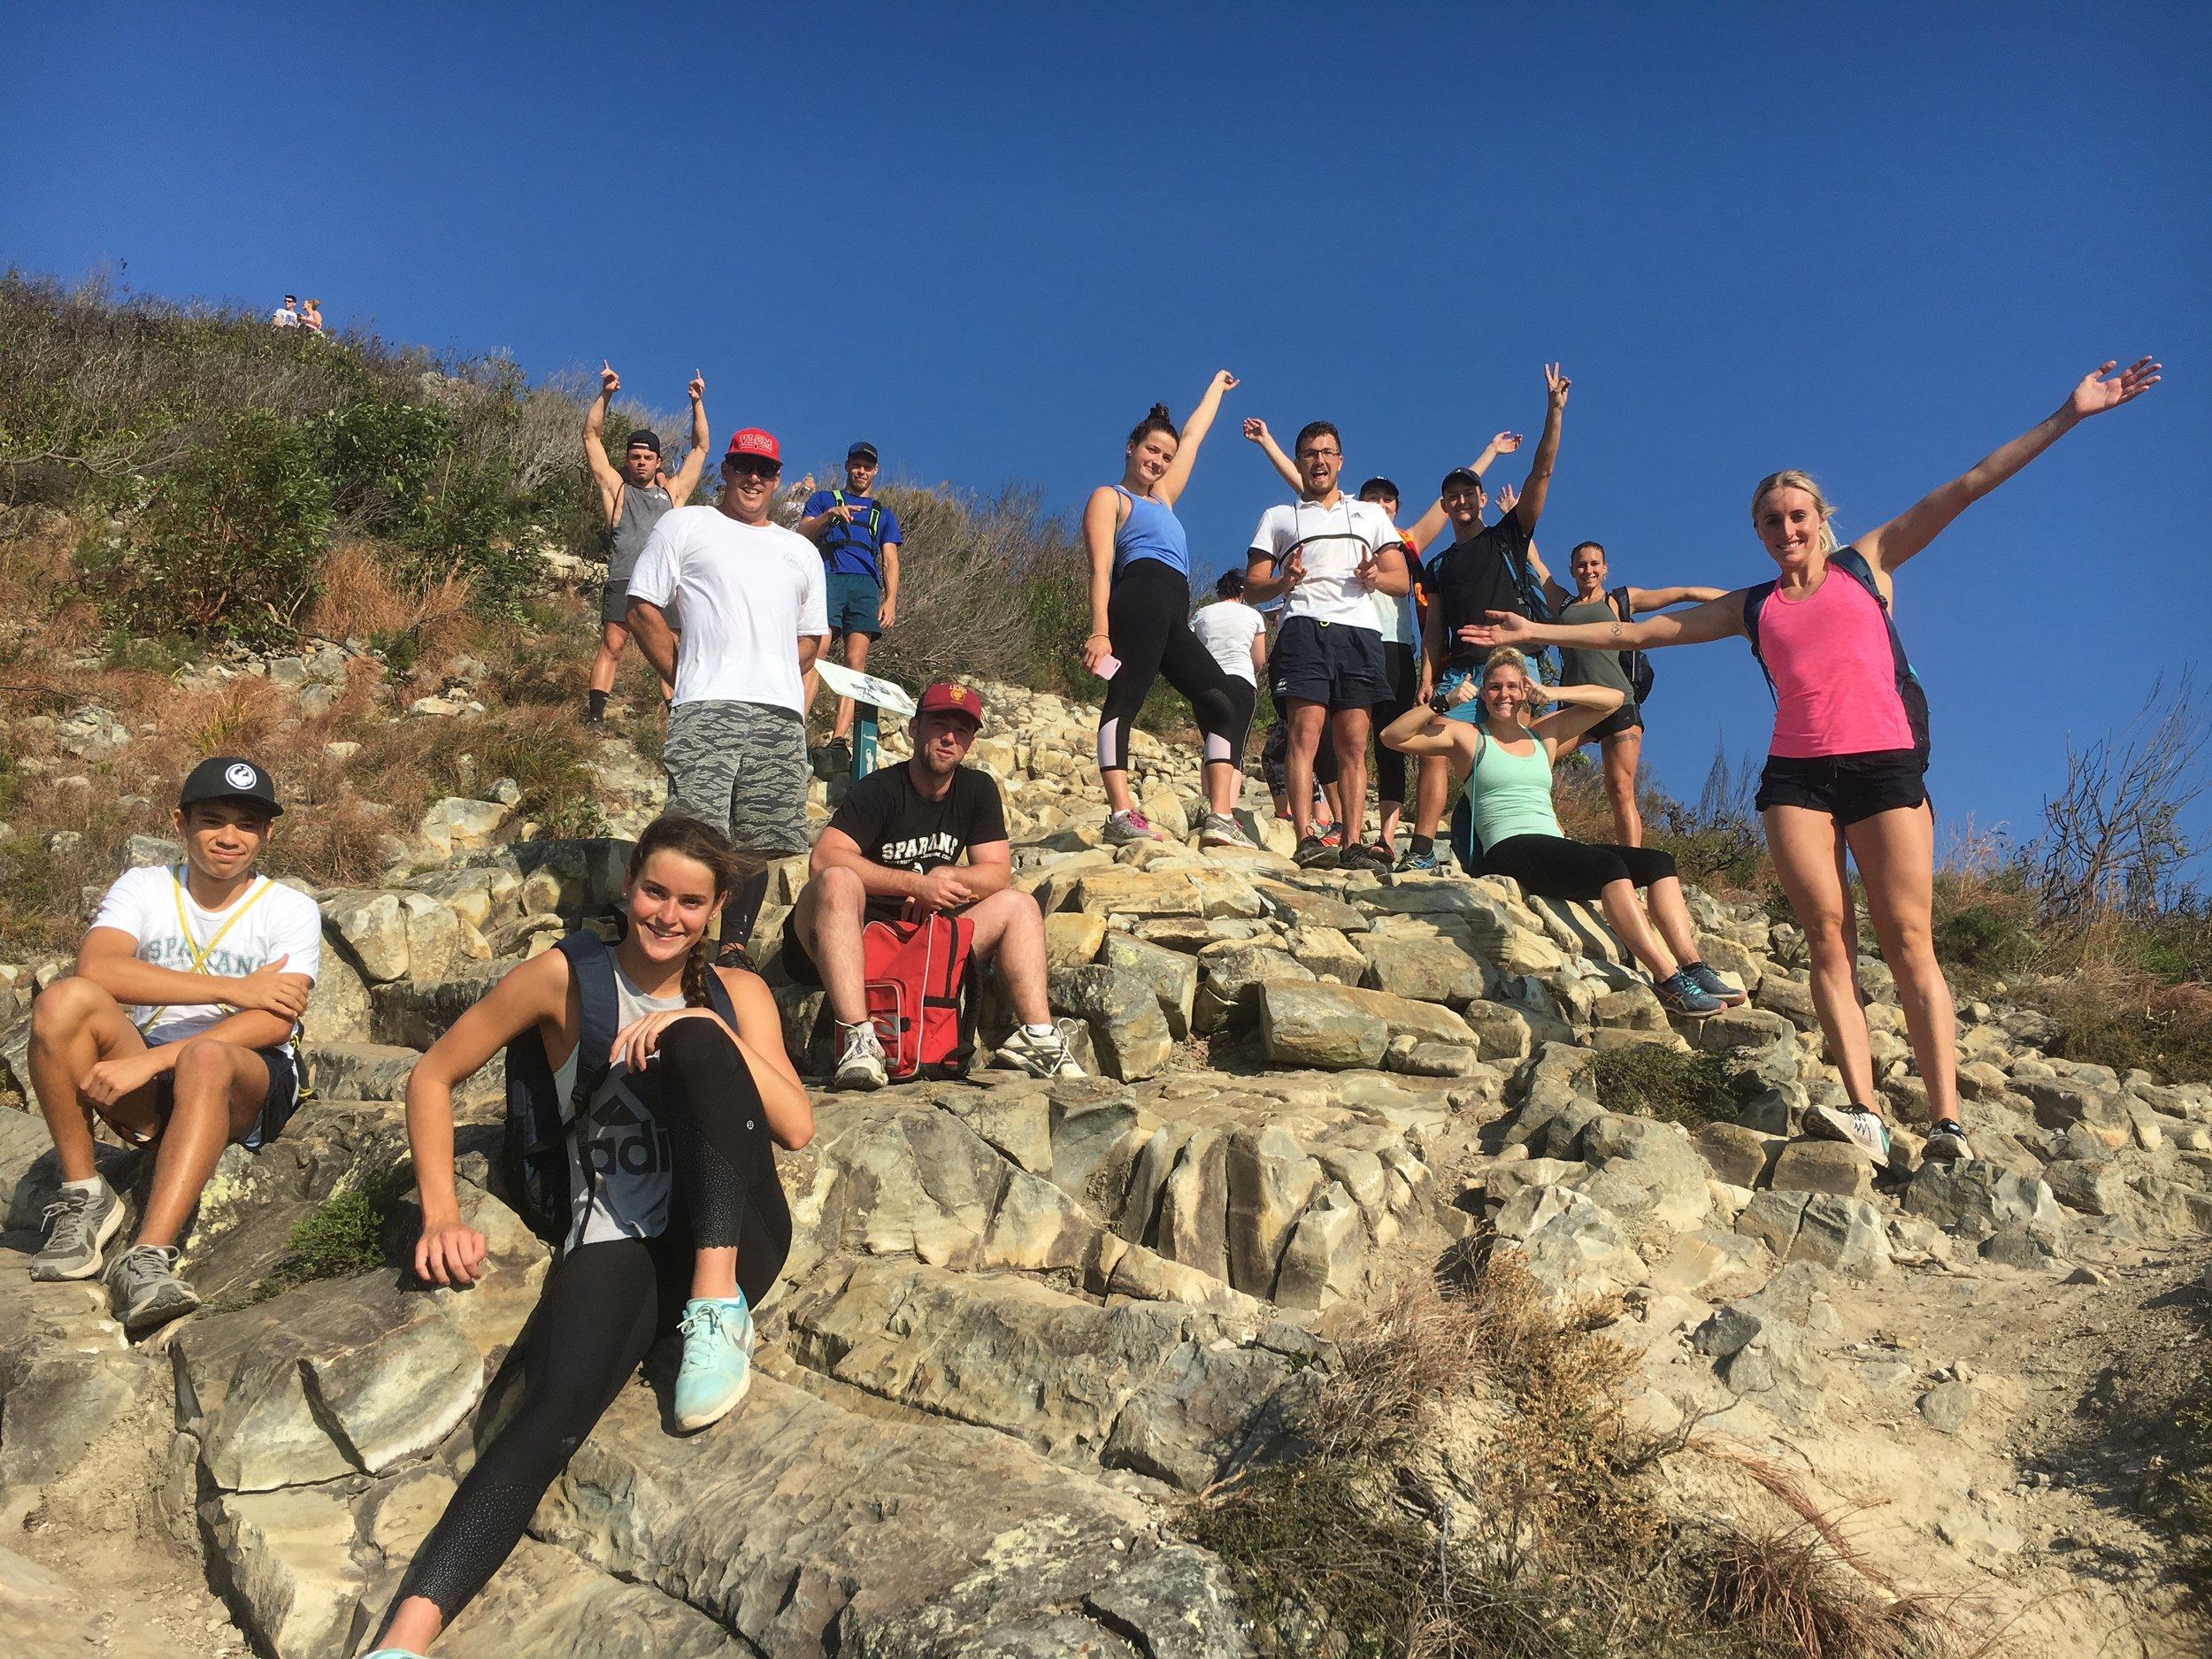 Sobotní týmový hiking :)